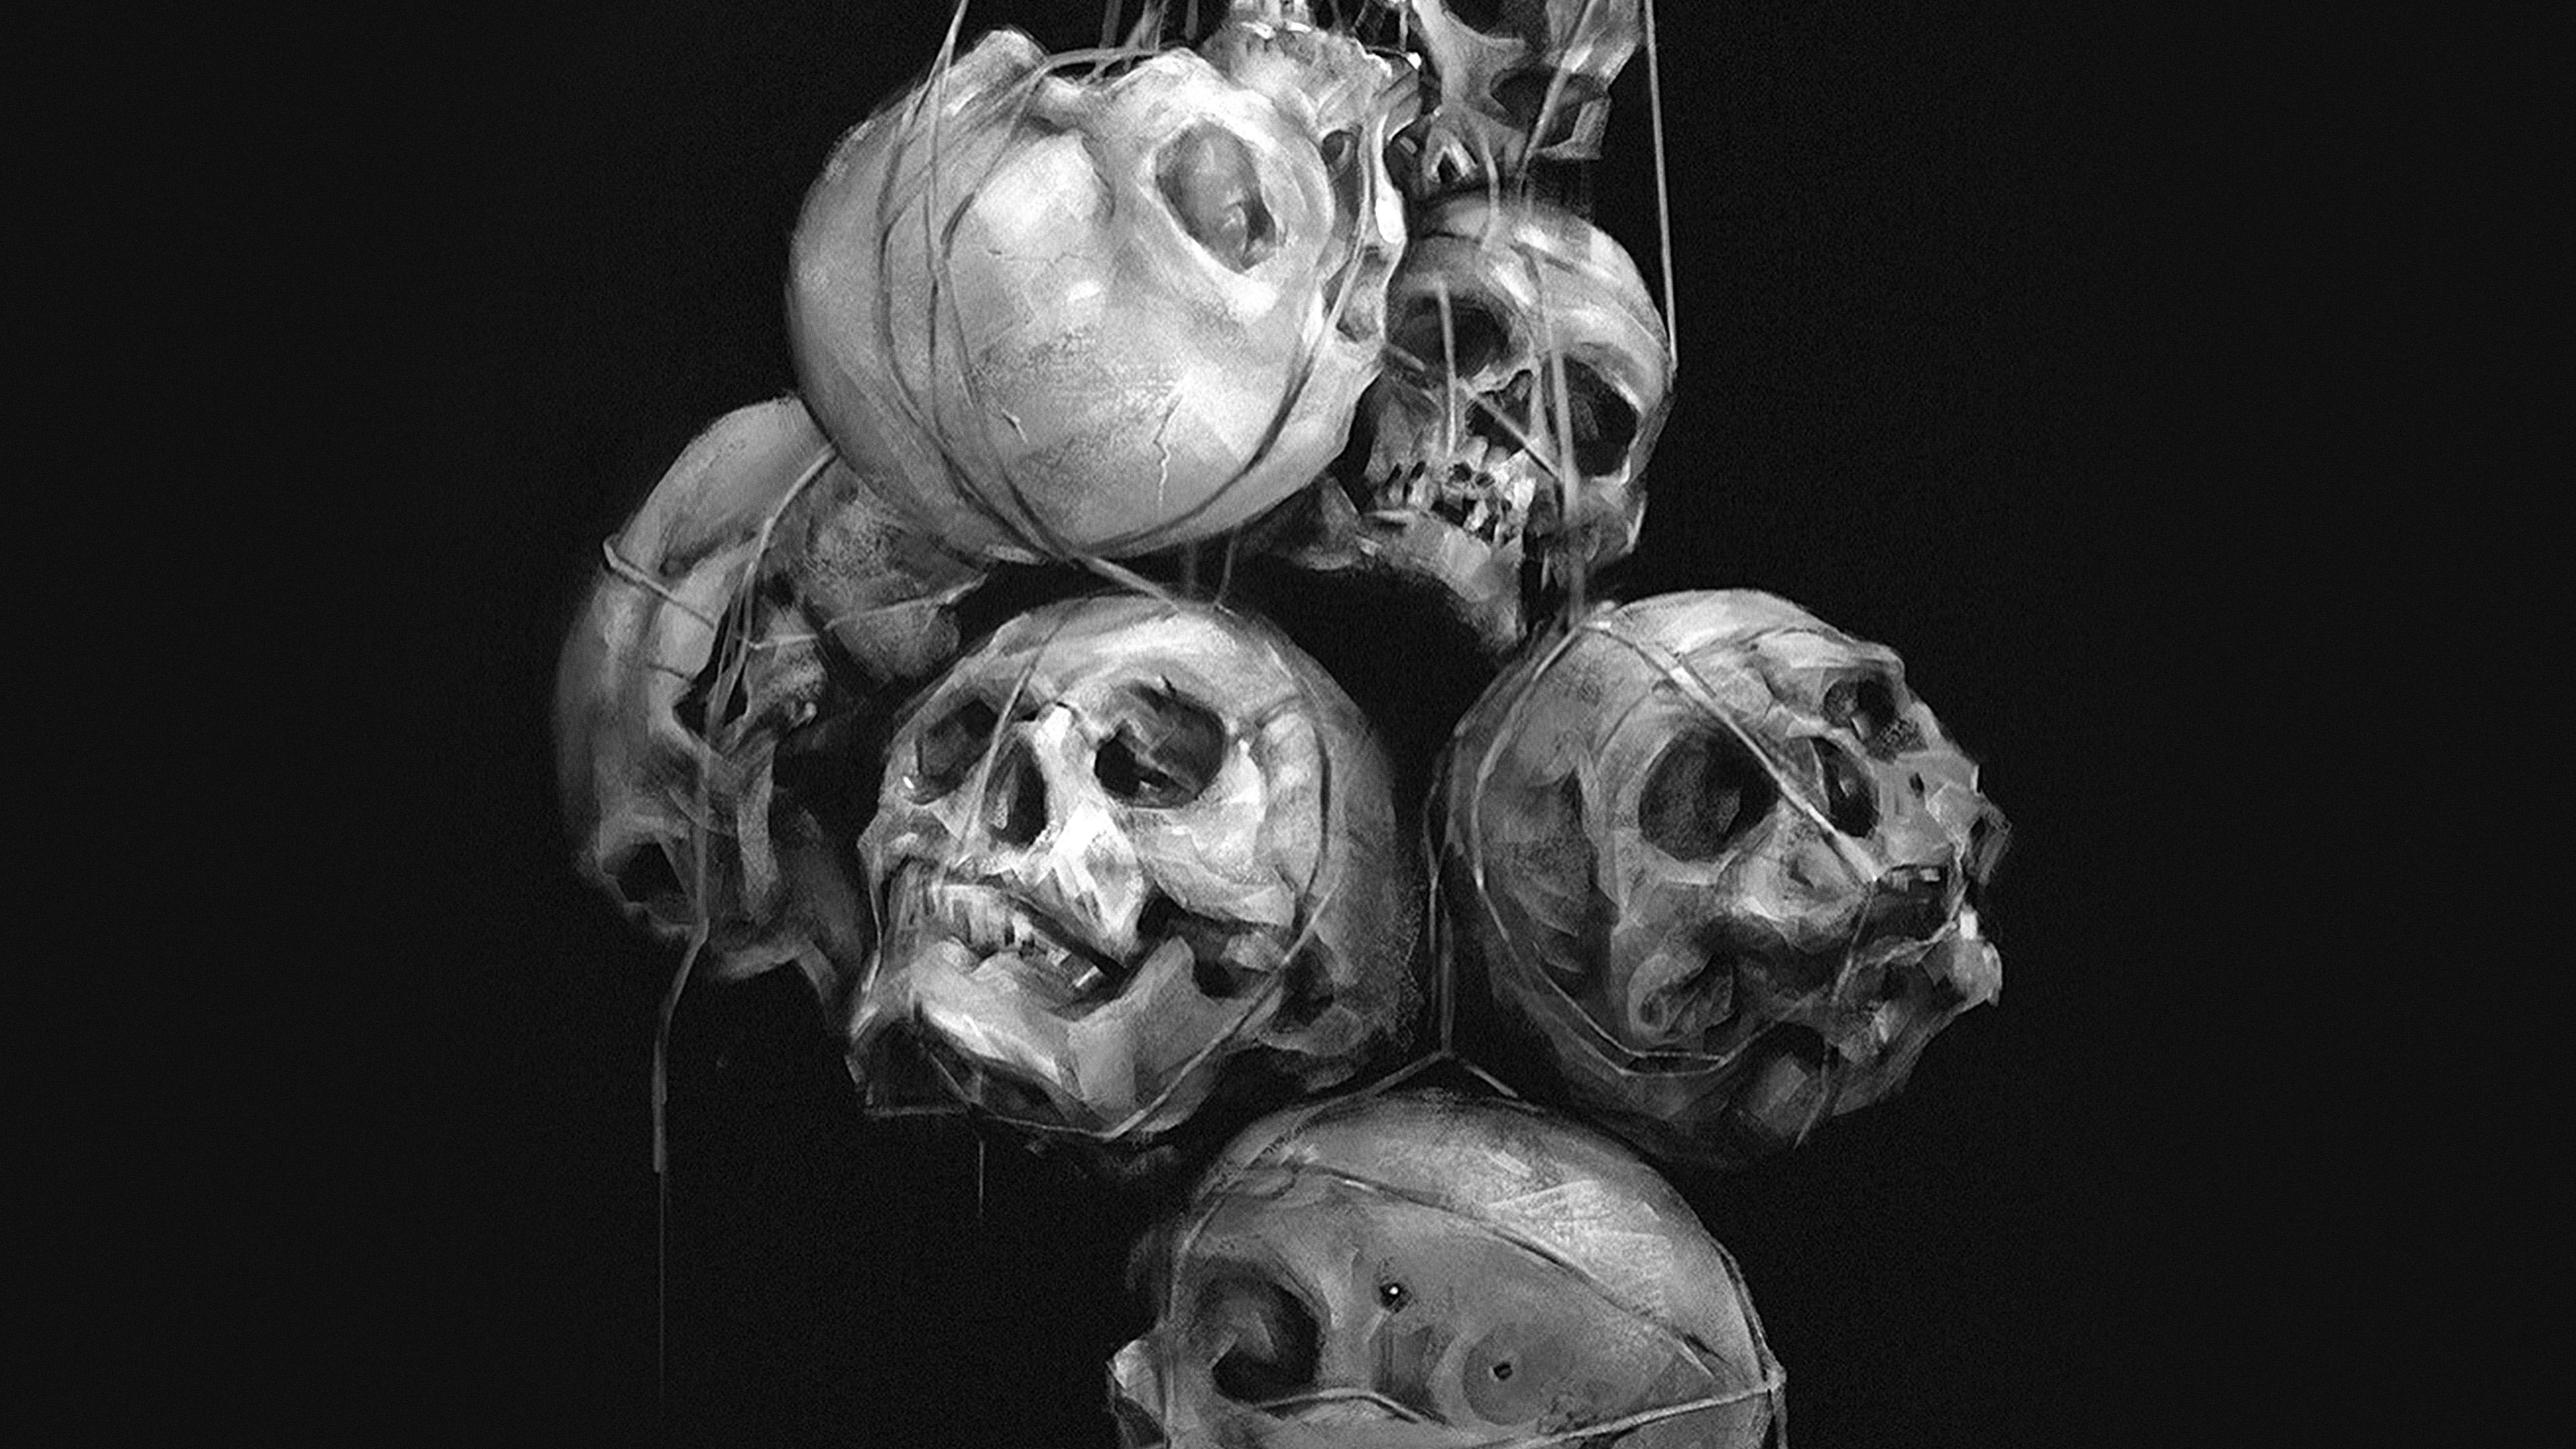 Av26 Paint Skull Dark Yanjun Cheng Illustration Art Bw